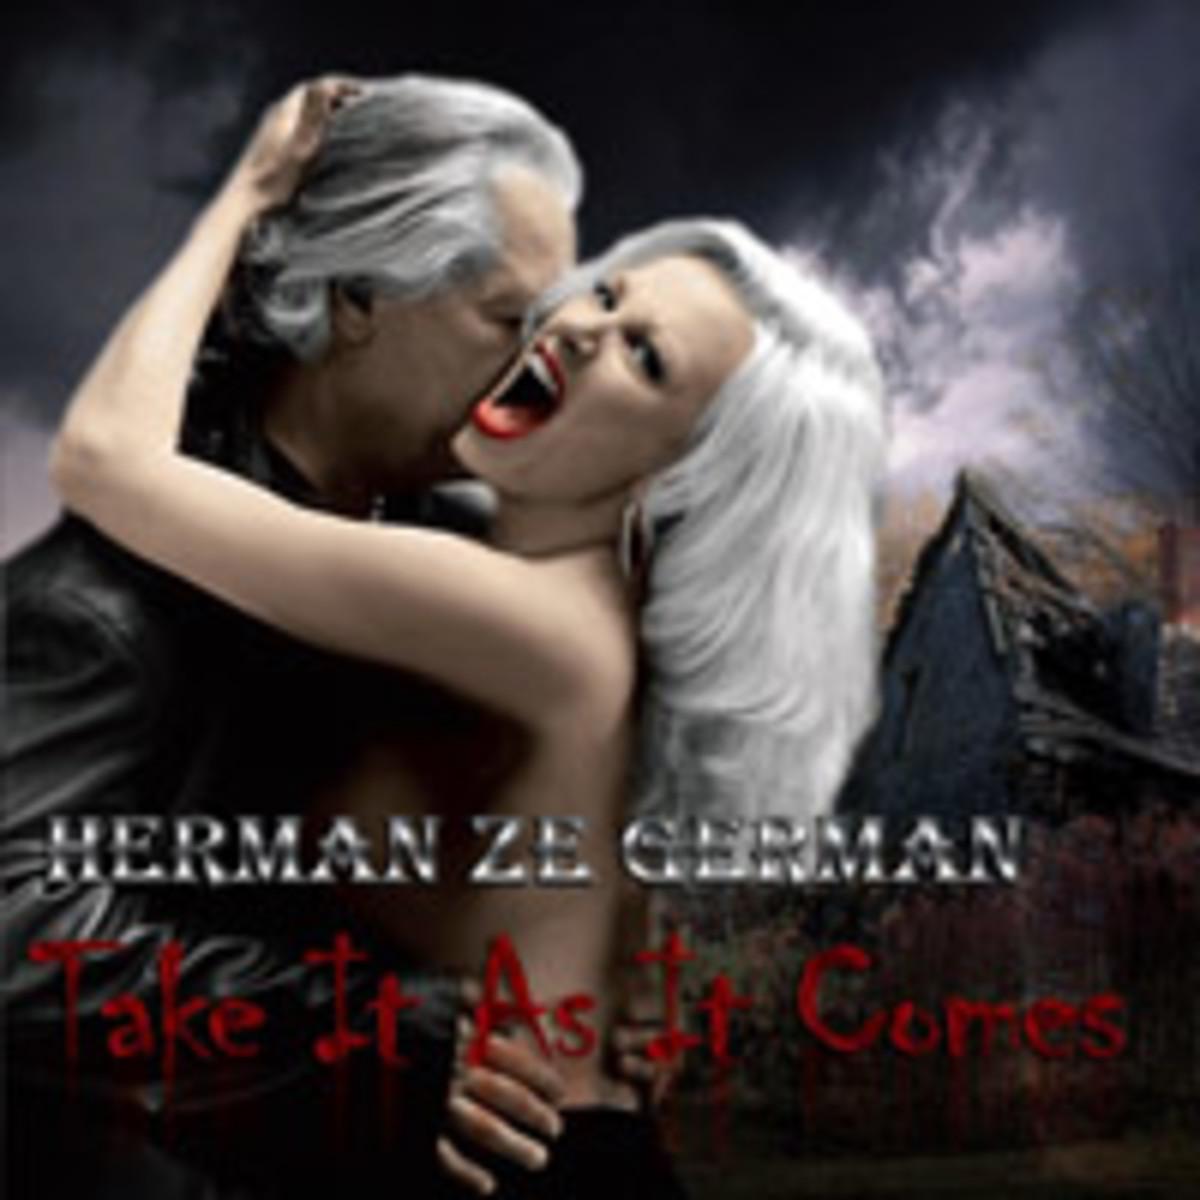 Herman Ze German Take It As It Comes